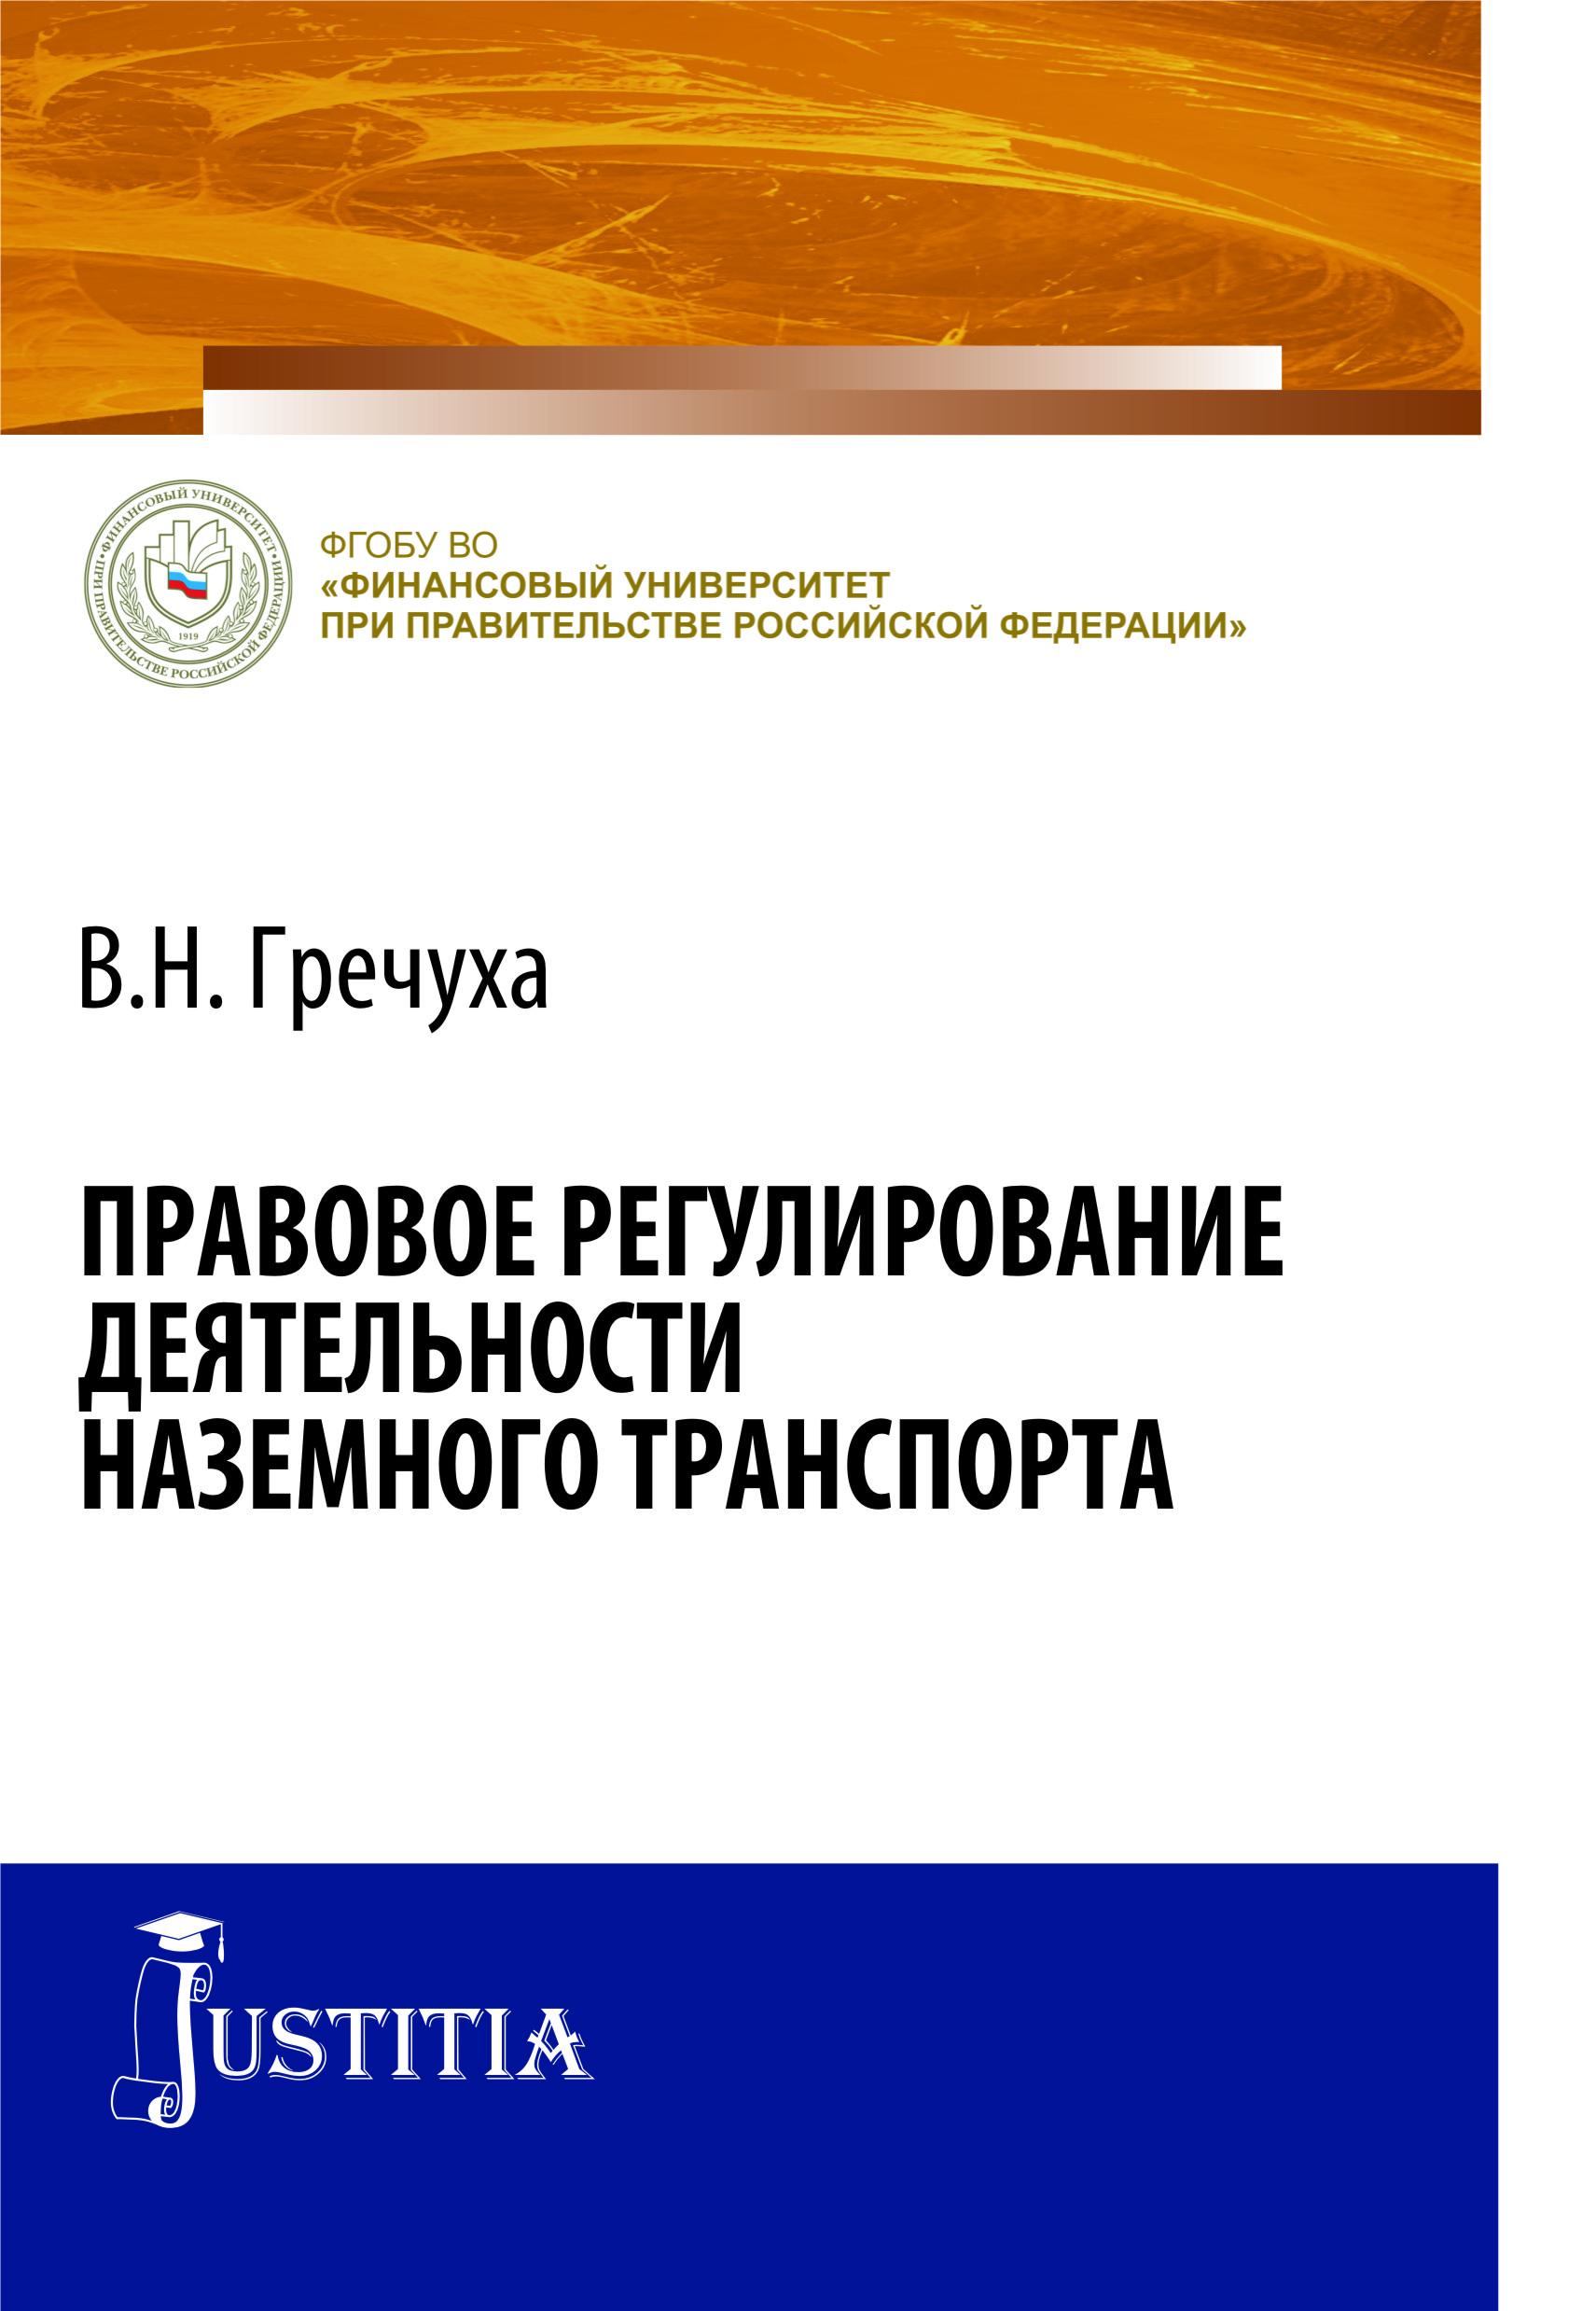 В. Н. Гречуха Правовое регулирование деятельности наземного транспорта